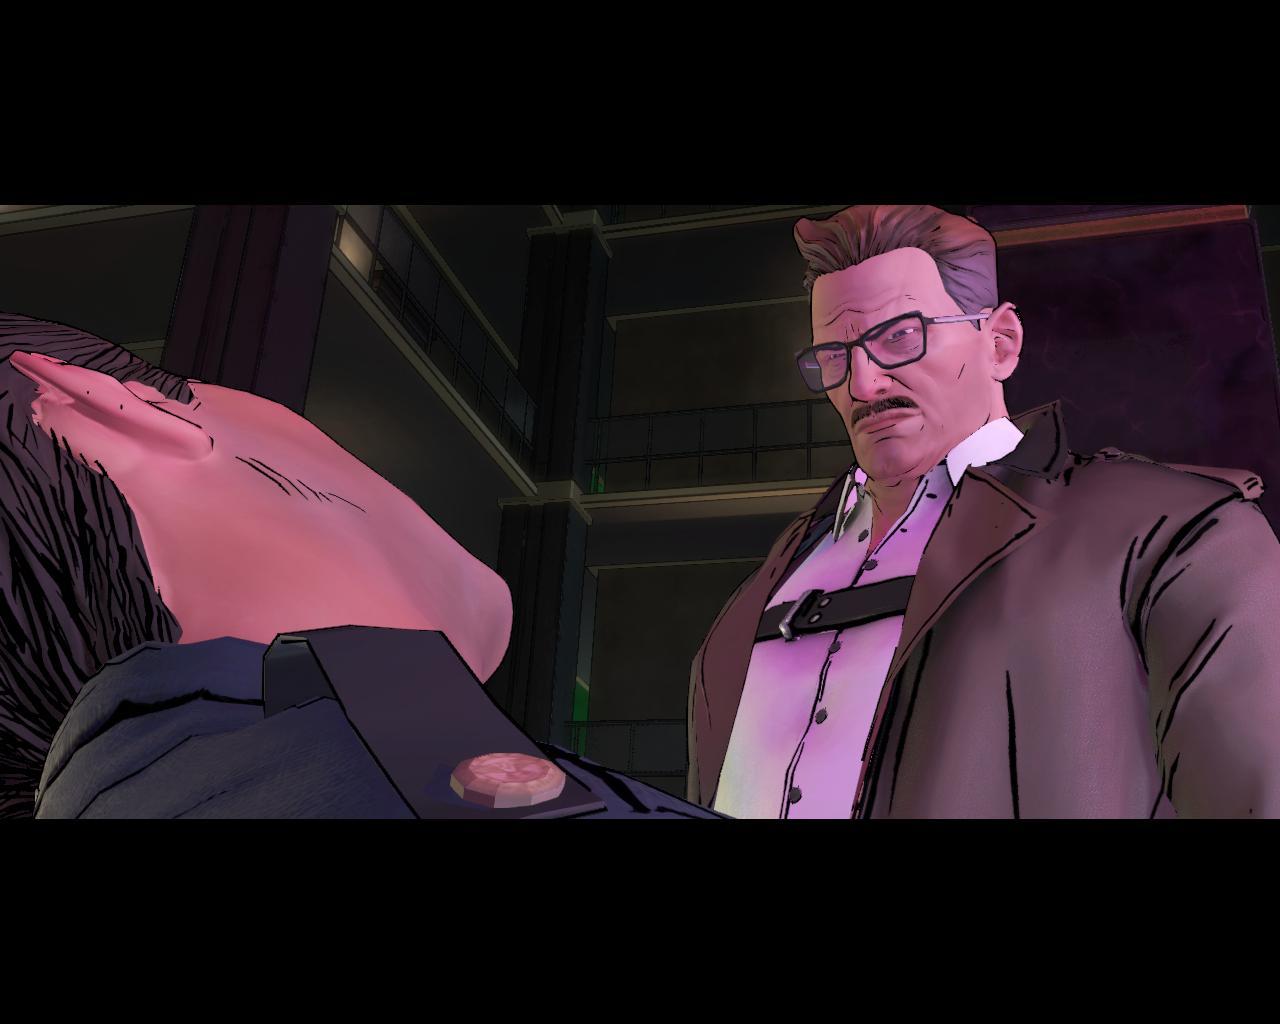 Скриншот Batman: The Telltale Series - Episode 1-5 (2016) PC | RePack от R.G. Механики